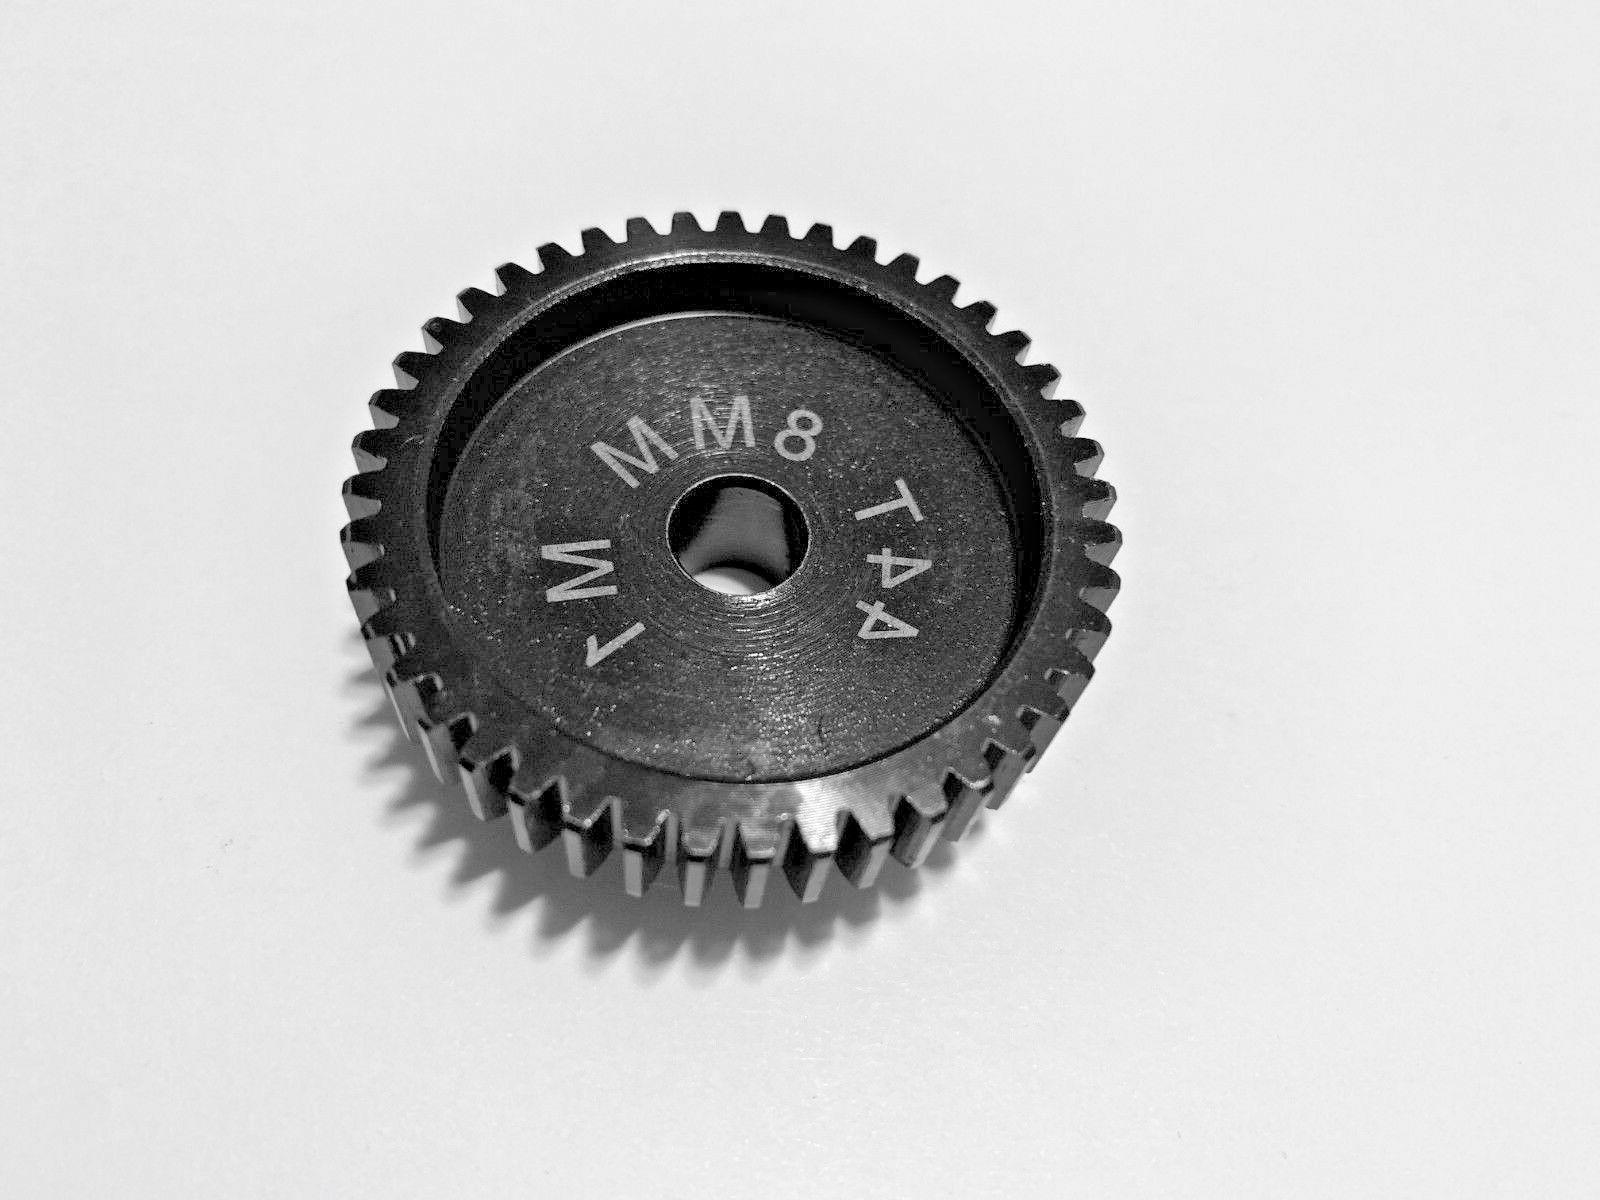 8mm 44t mod 1 pinion gear traxxas